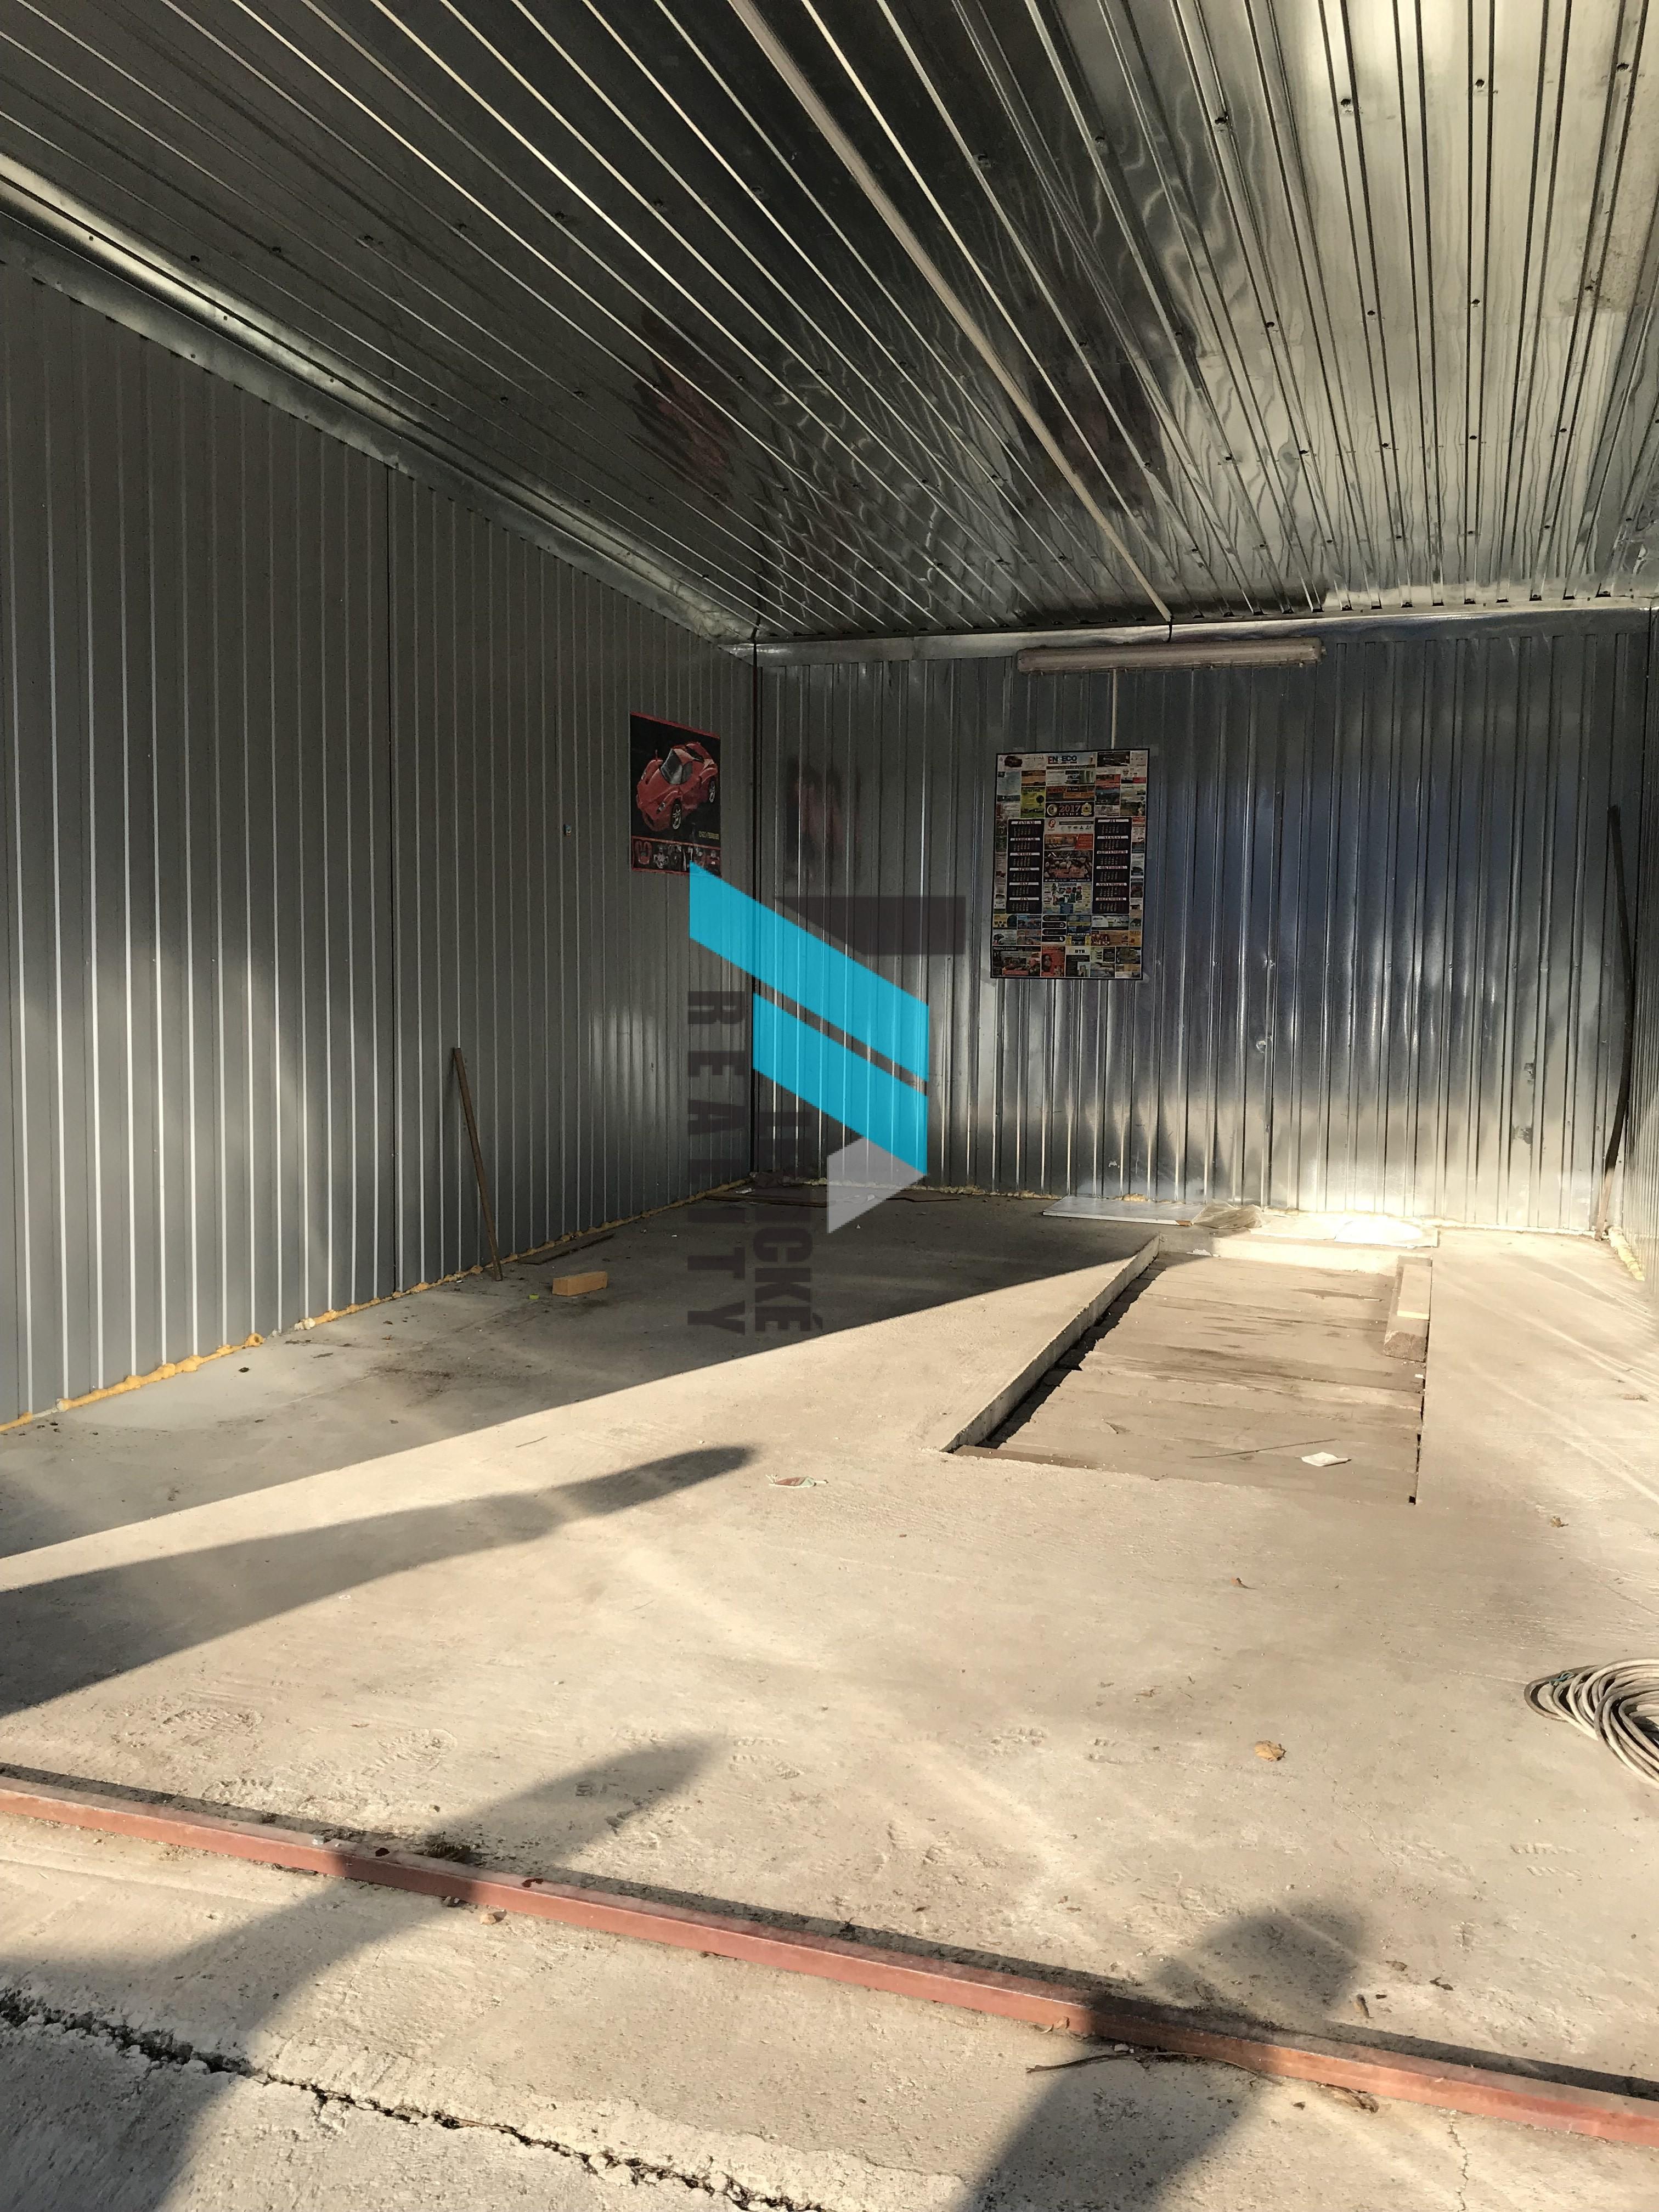 Ponúkam do prenájmu garáž v objekte pod kamerovým systémom.